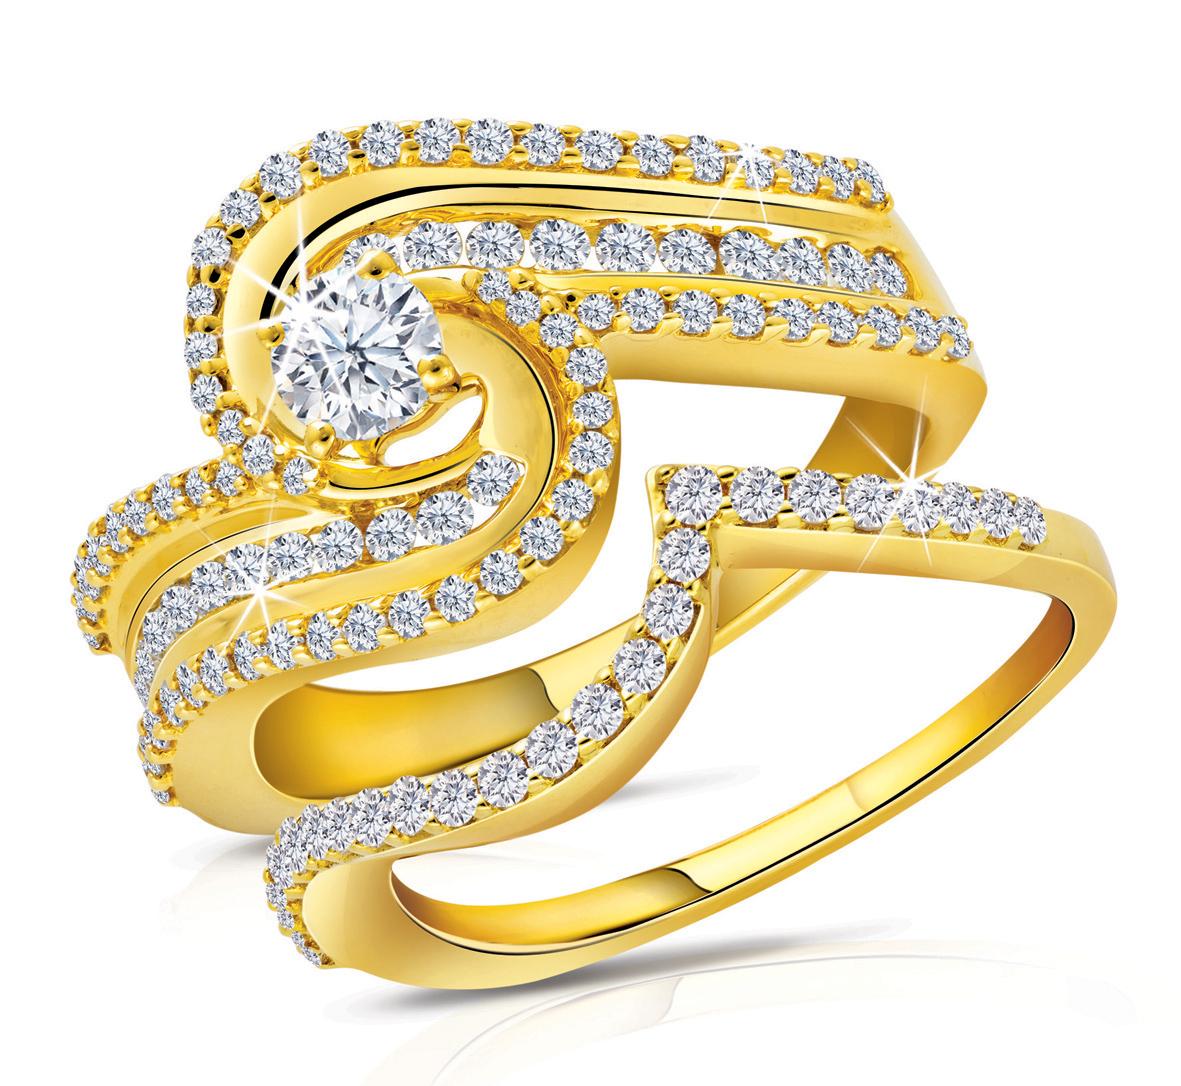 Ring Design Ideas ~ Home & Interior Design